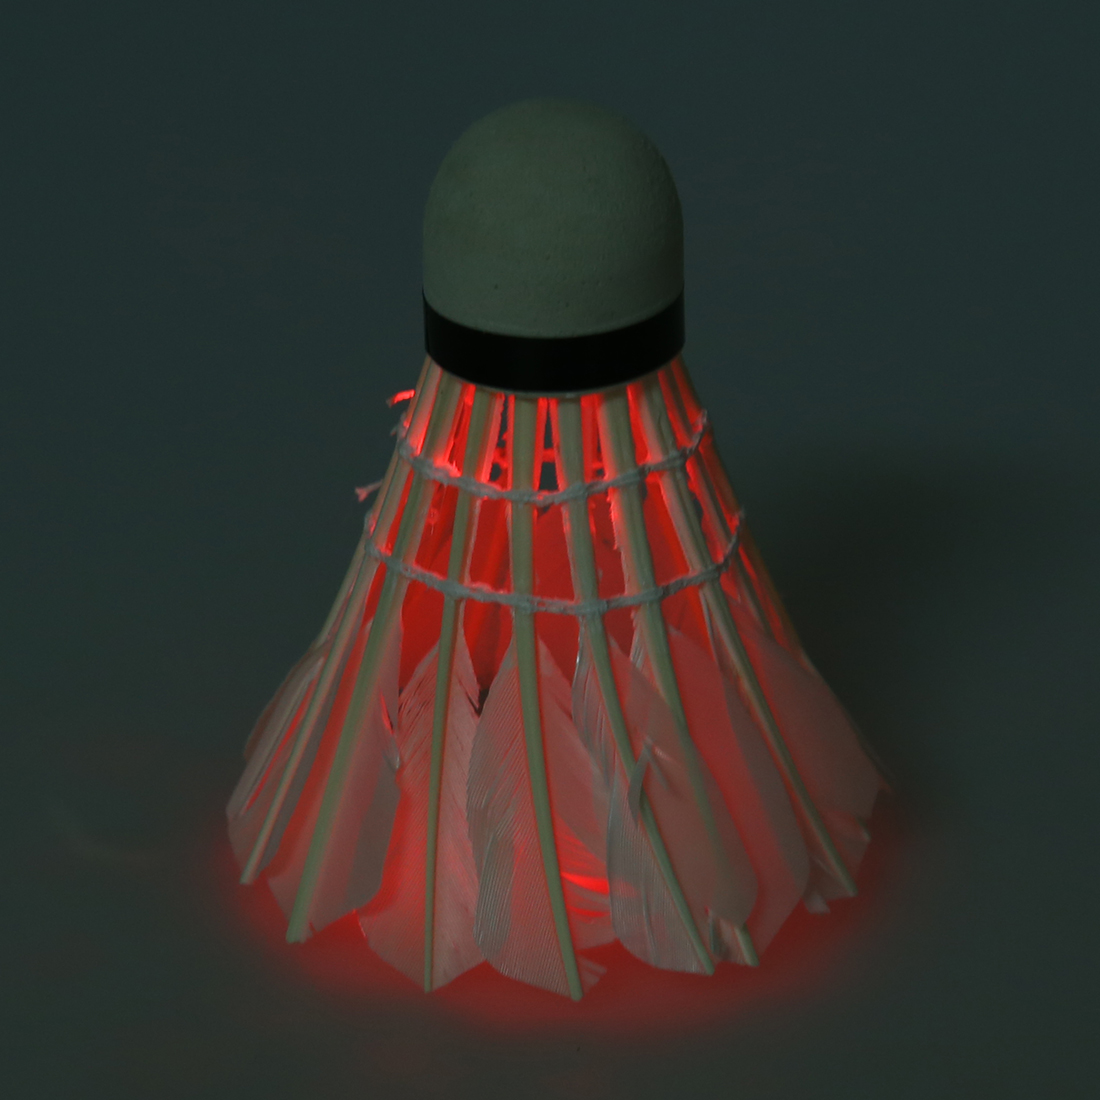 3 шт. Темная ночь светодиодный светящиеся Light-up нейлон бадминтон воланы дома и спорта на открытом воздухе Новый Красочный освещения шары